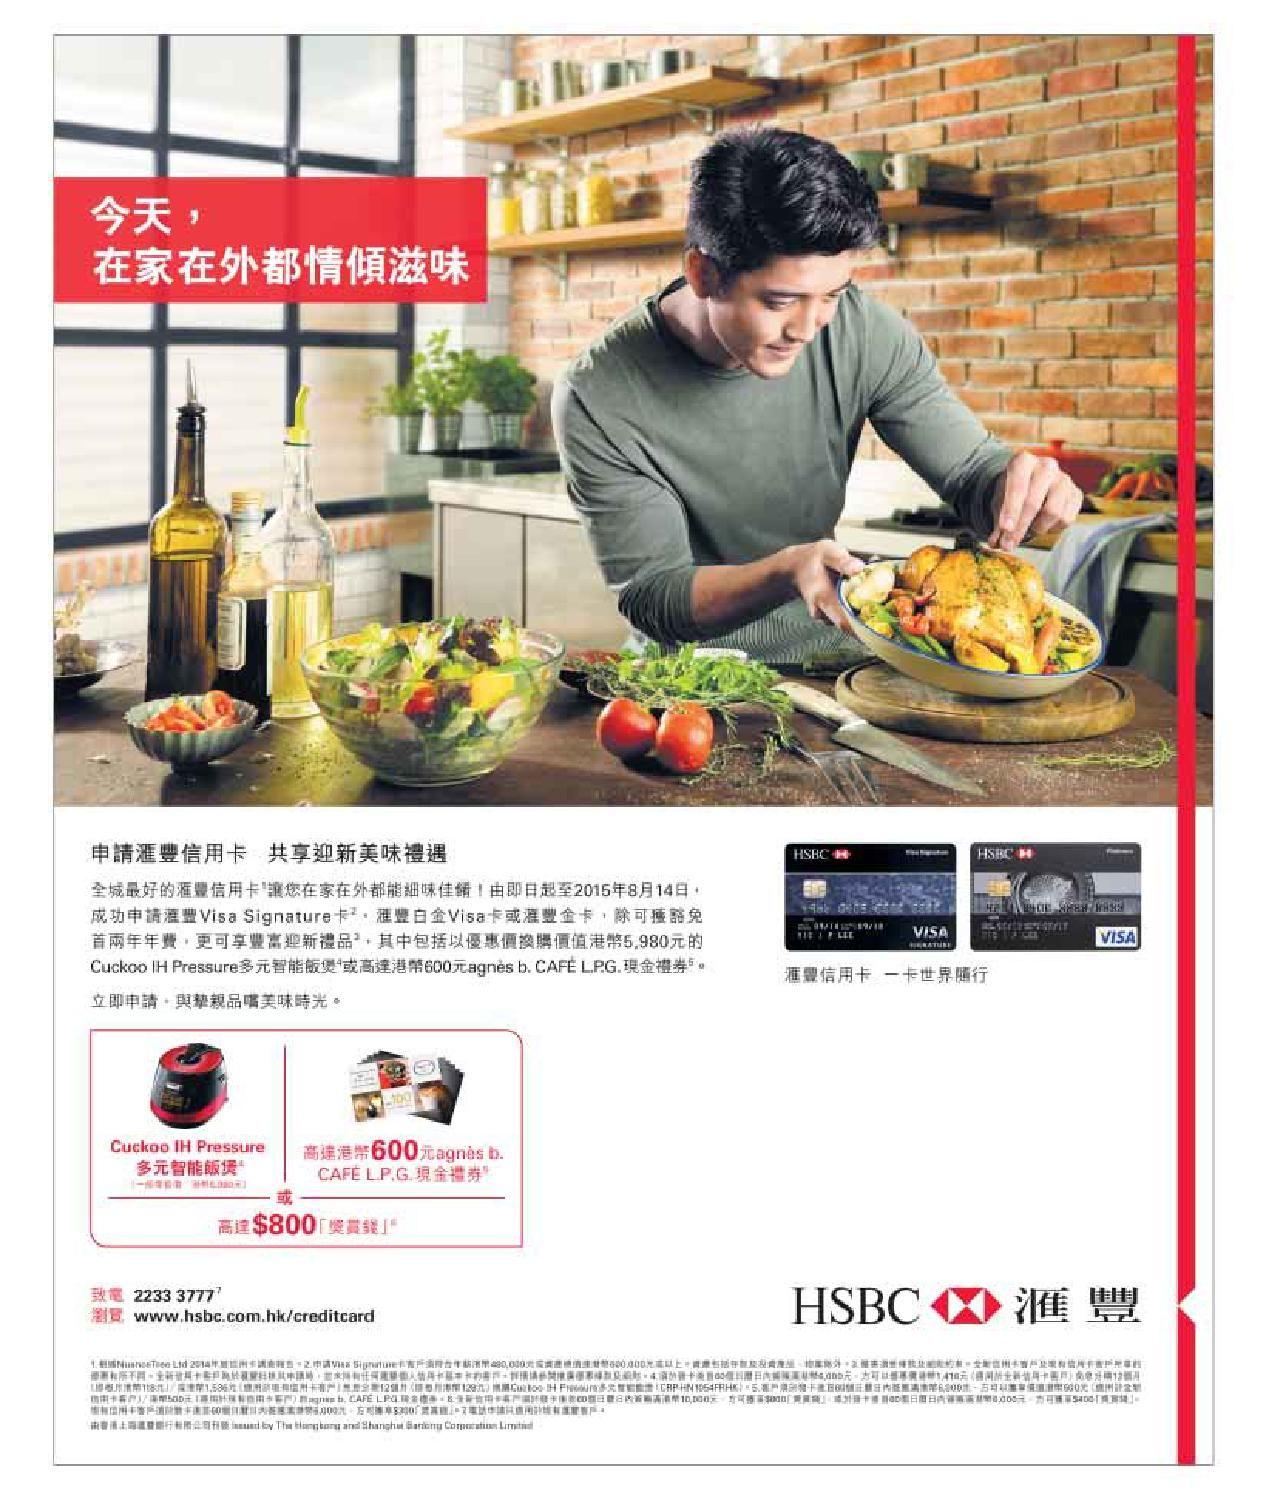 20150526_cn_hong kong